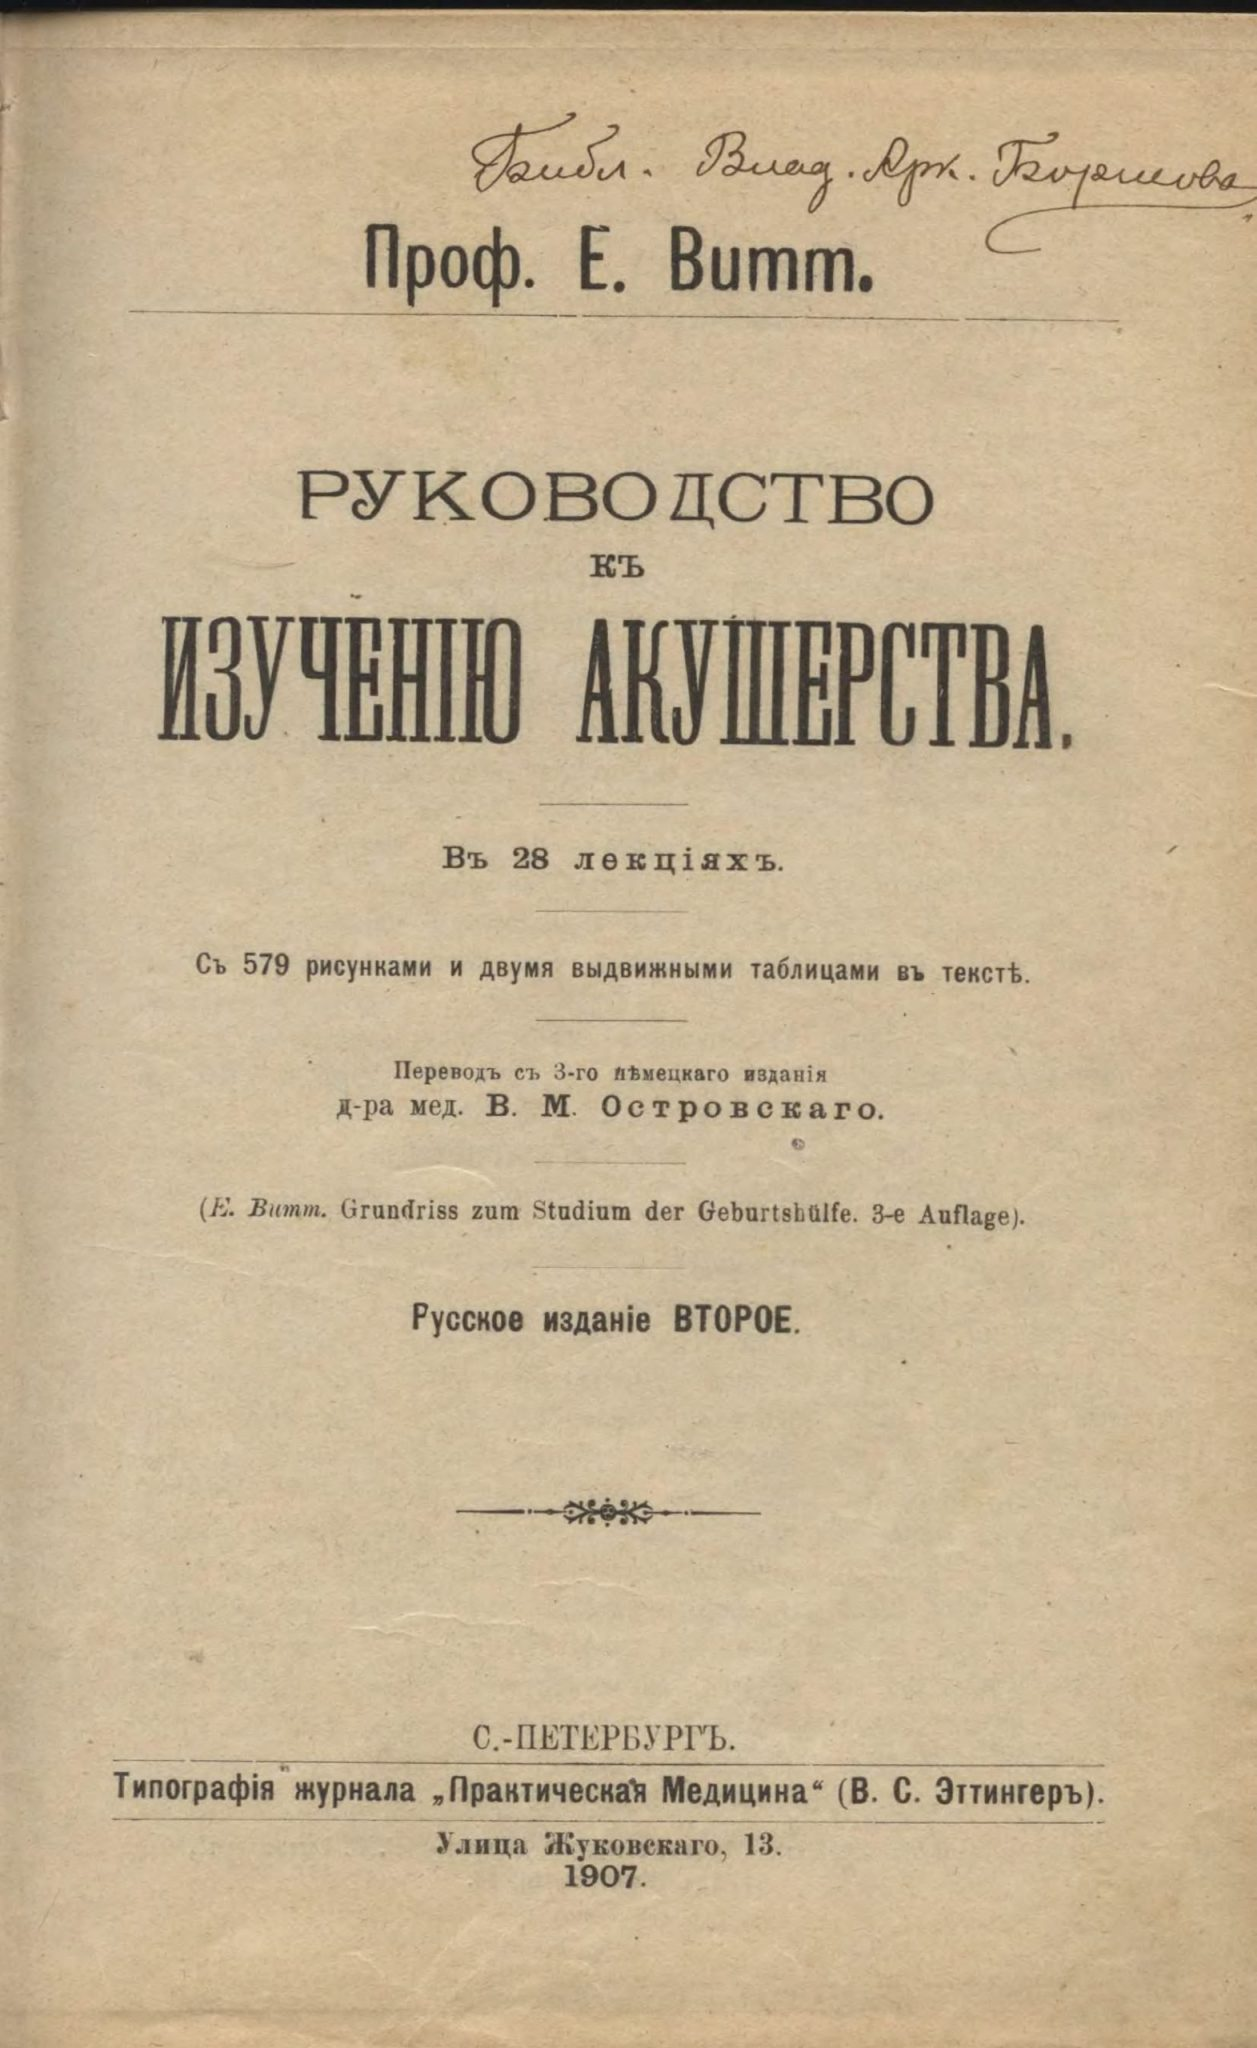 Кесарево сечение. Абрамченко